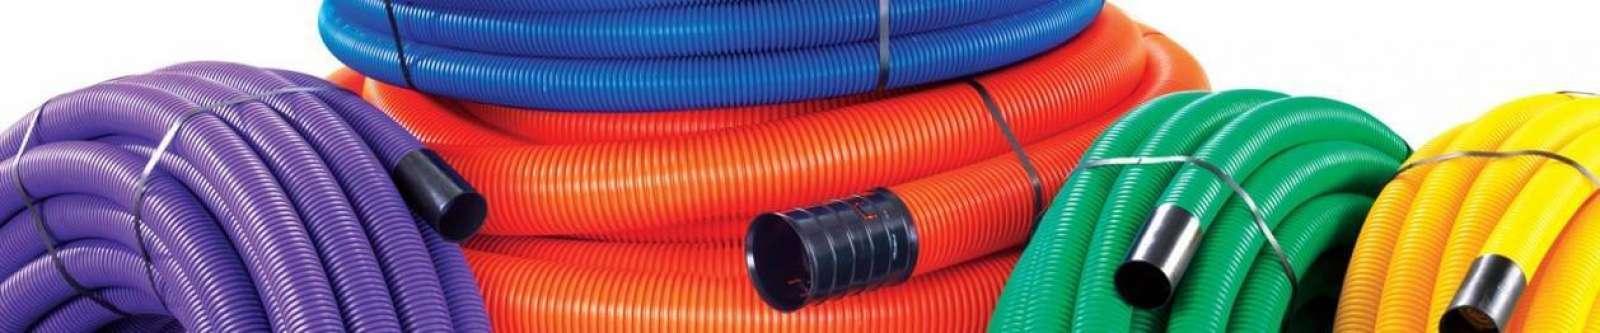 Ridgicoil Accessories   Ridgicoil   Cable Protection